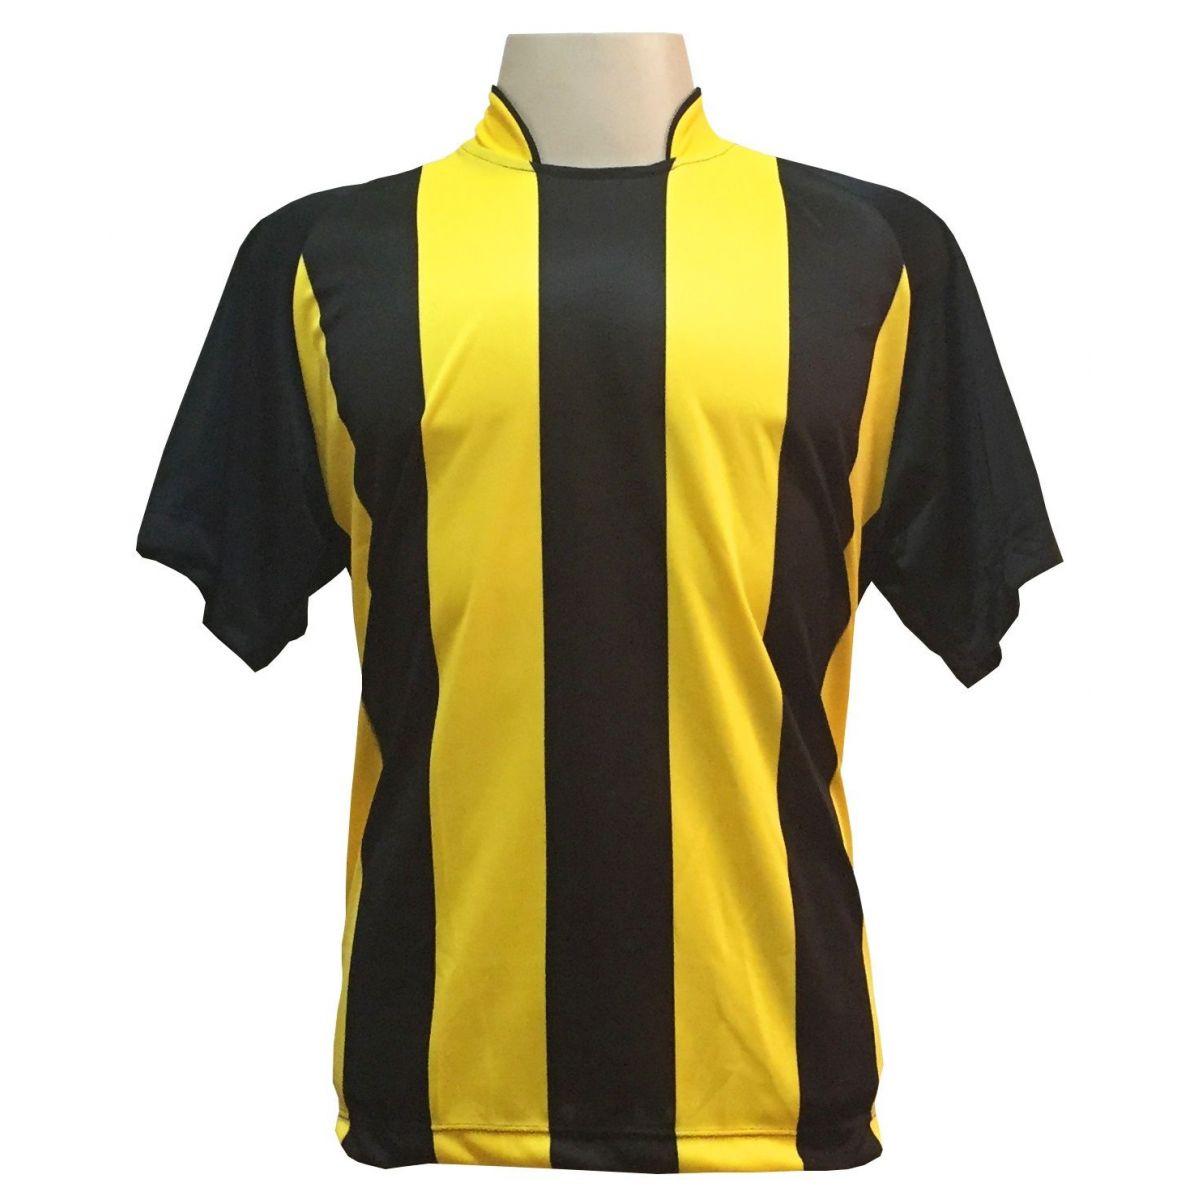 Uniforme Esportivo com 18 camisas modelo Milan Preto/Amarelo + 18 calções modelo Copa Preto/Amarelo + 18 pares de meiões Preto